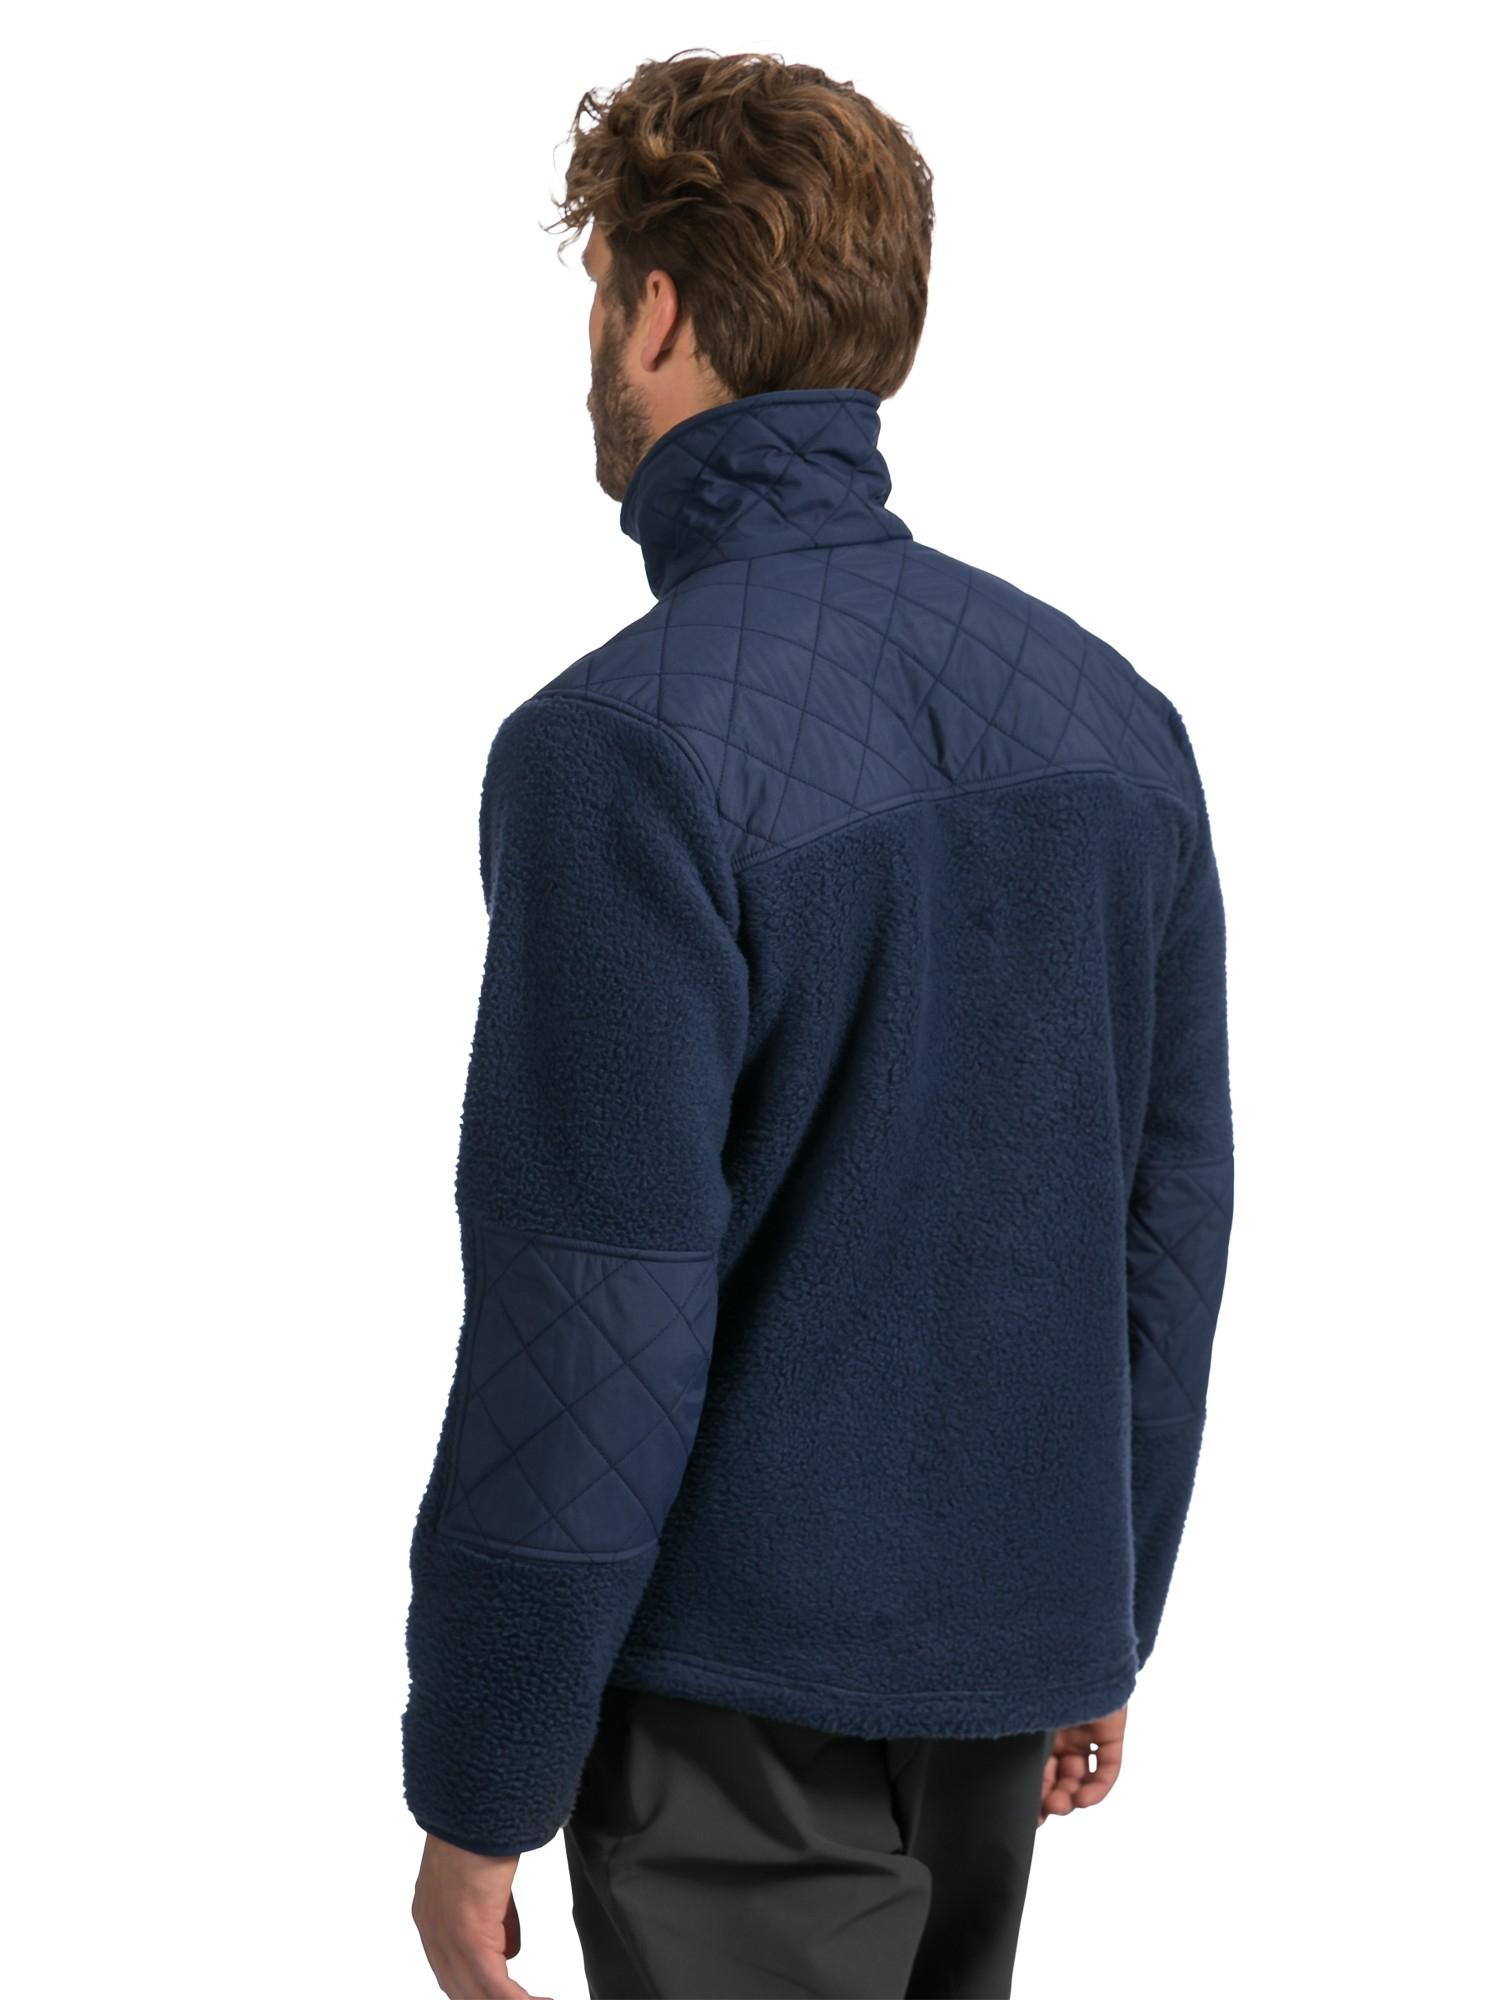 lyst helly hansen october pile fleece jacket in blue for men. Black Bedroom Furniture Sets. Home Design Ideas